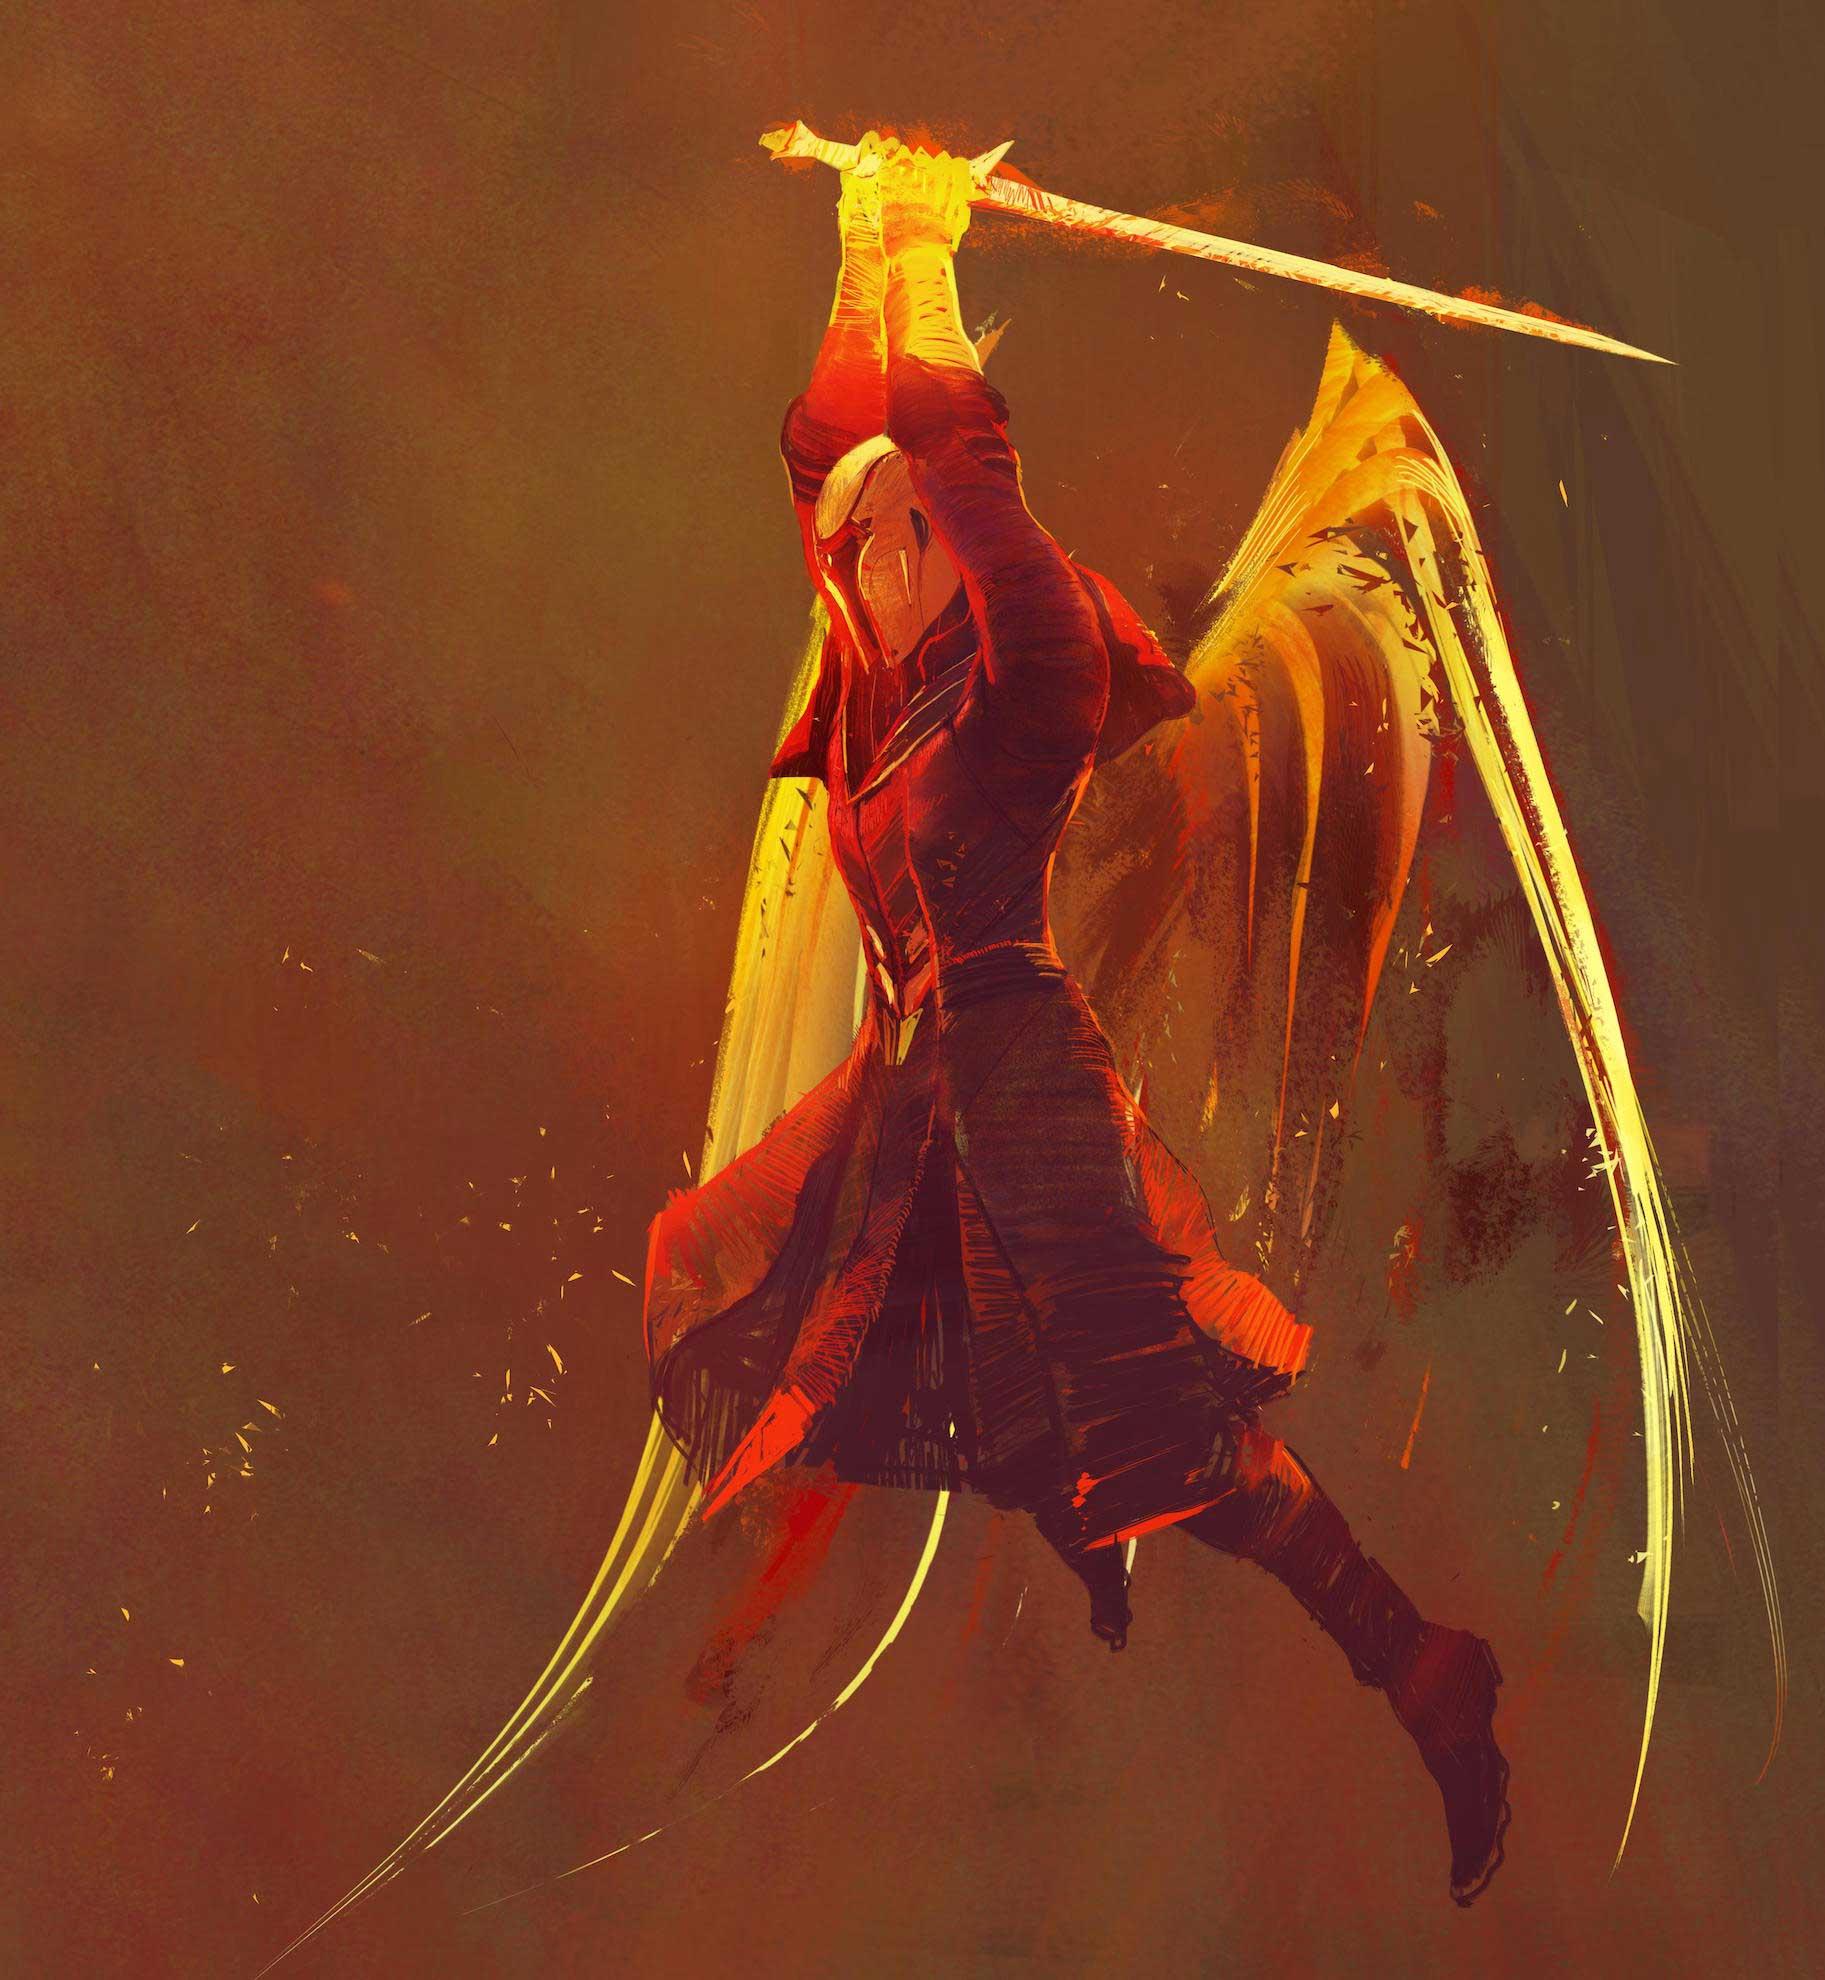 destiny_2_e3_2017_art_warlock_dawnblade